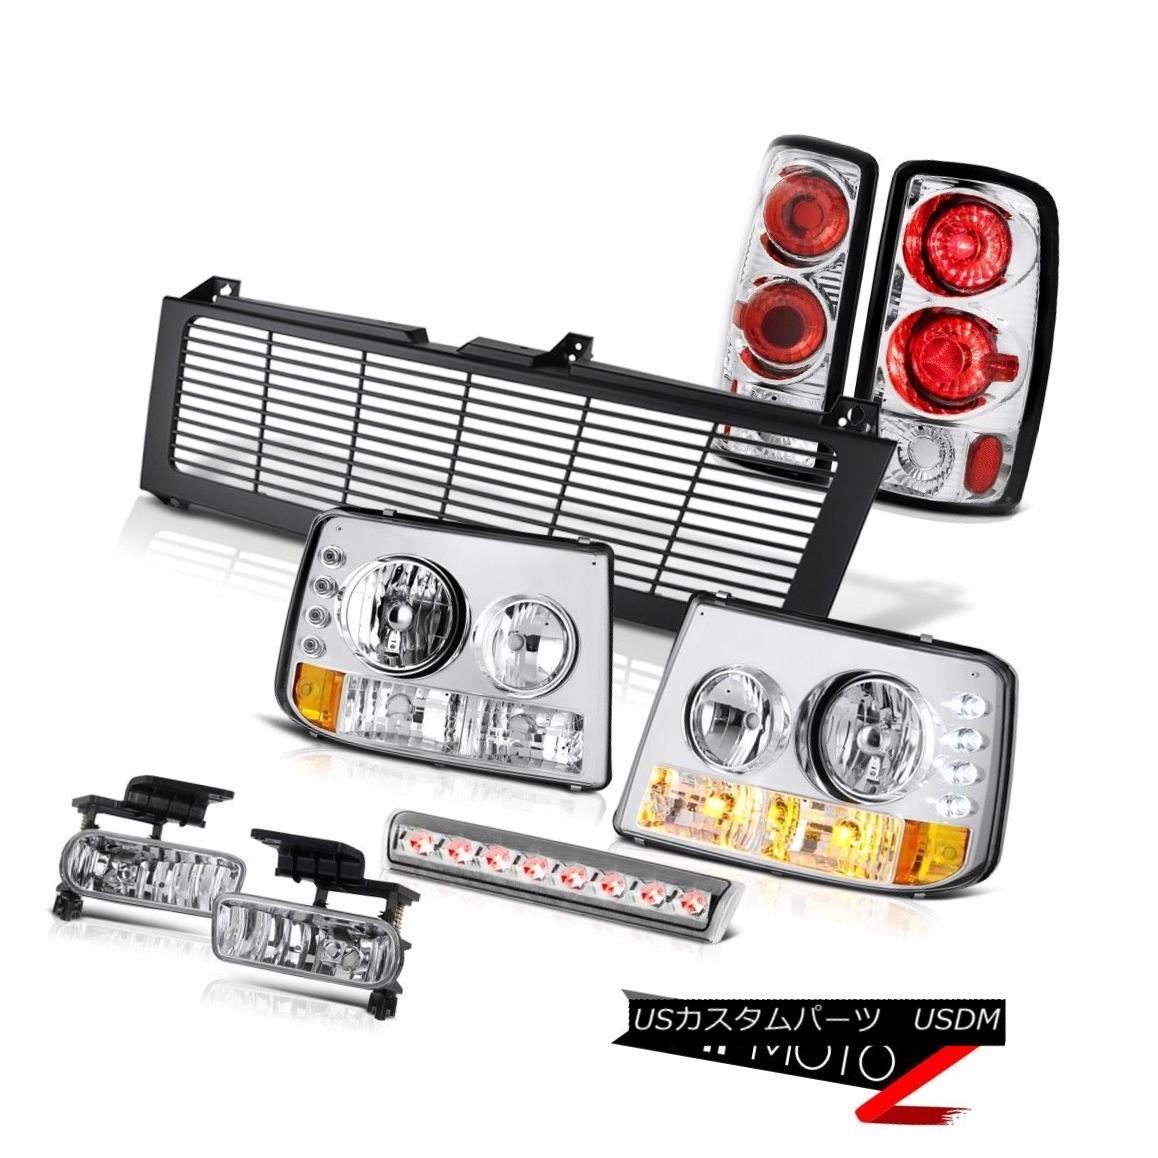 ヘッドライト Bumper Headlamp Brake Lamps Fog High Cargo LED Black Grille 04 05 06 Suburban LS バンパーヘッドランプブレーキランプフォグハイカーゴLEDブラックグリル04 05 06郊外LS